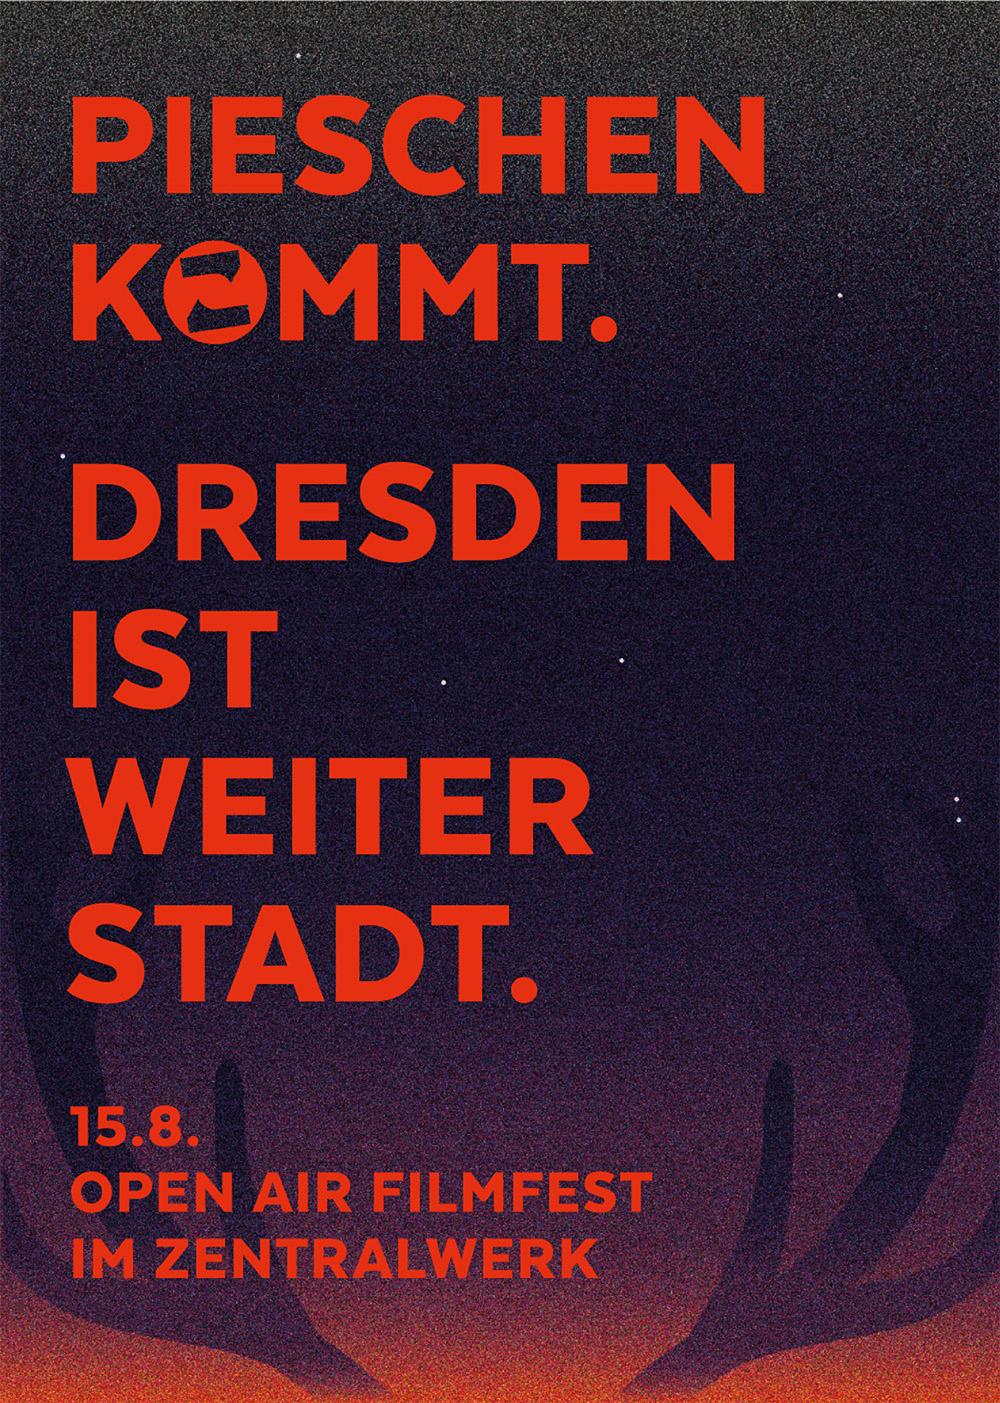 FF_Weiterwerk.jpg